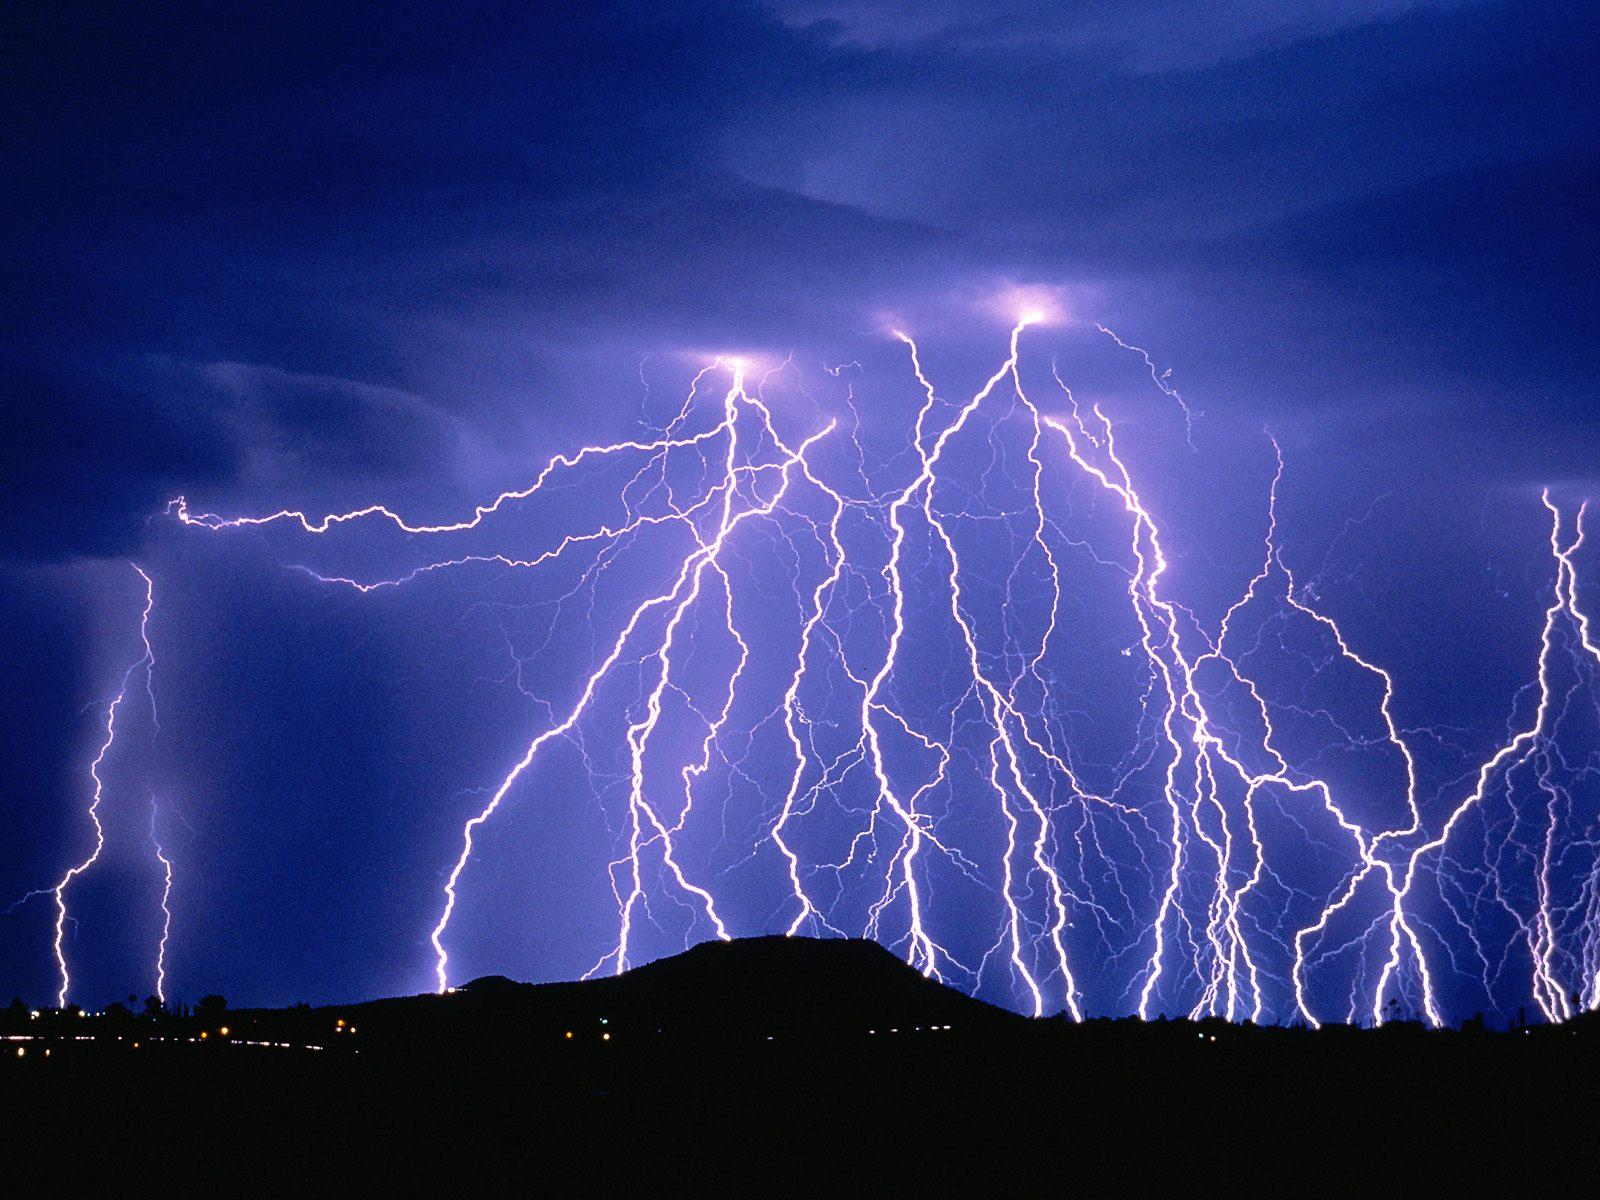 صاعقه یا زلزله ی آسمانی؟